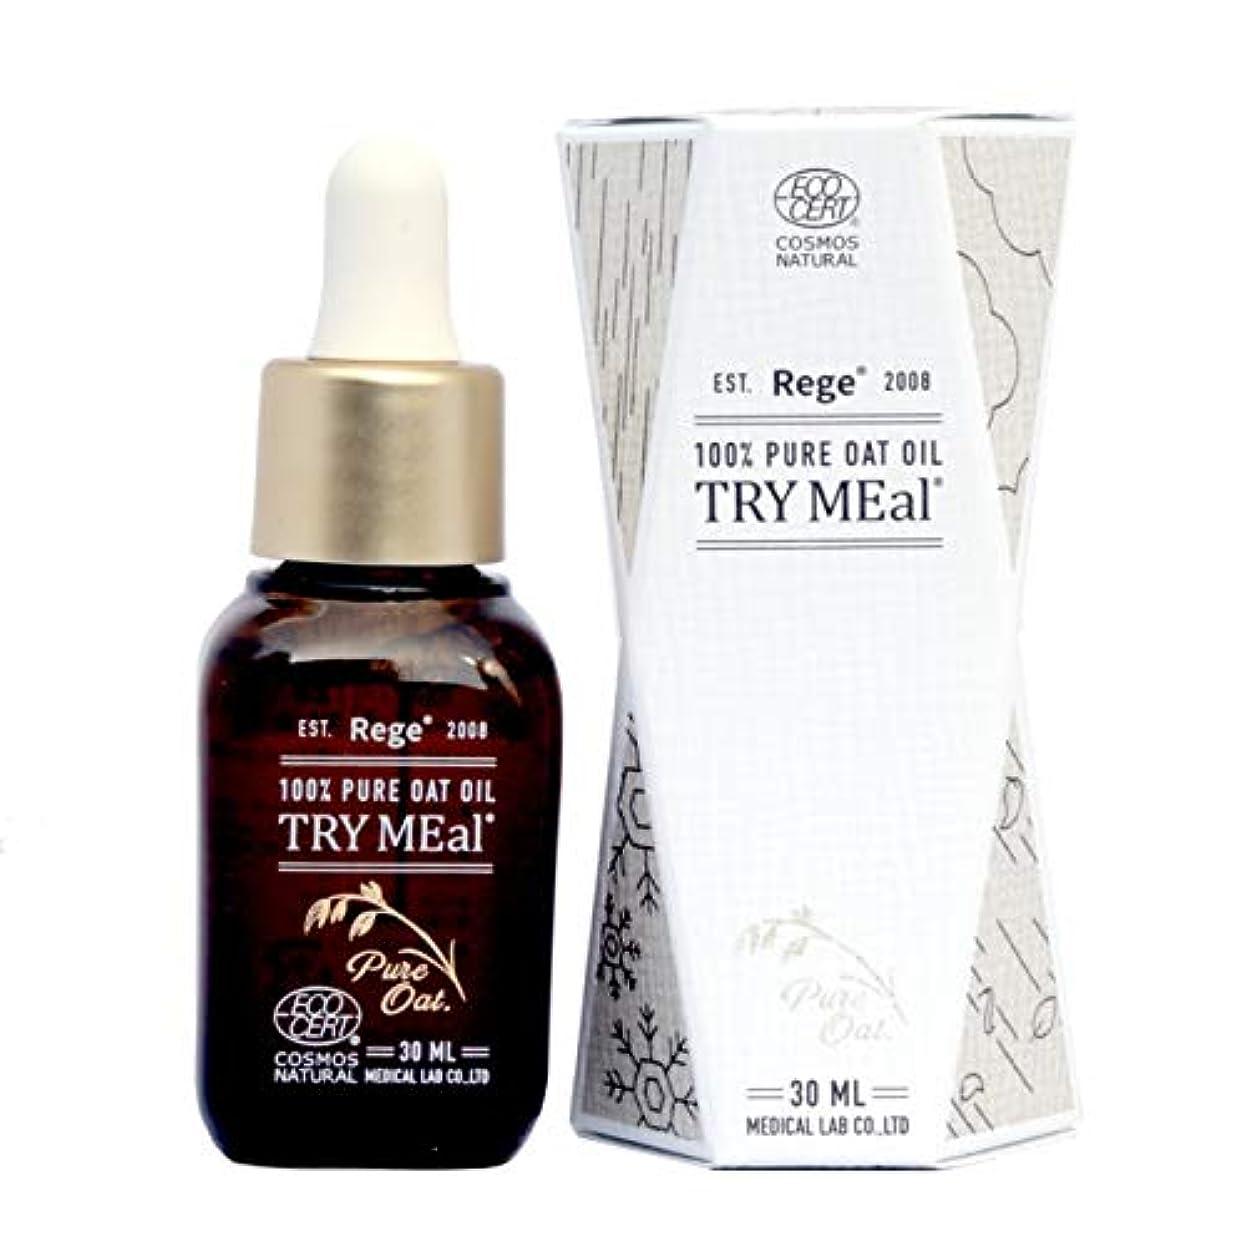 バイソンメッシュキャプションTRY MEal オートミール美容液 100%ピュアオイル 30ml エコサート&コスモスナチュラル認証